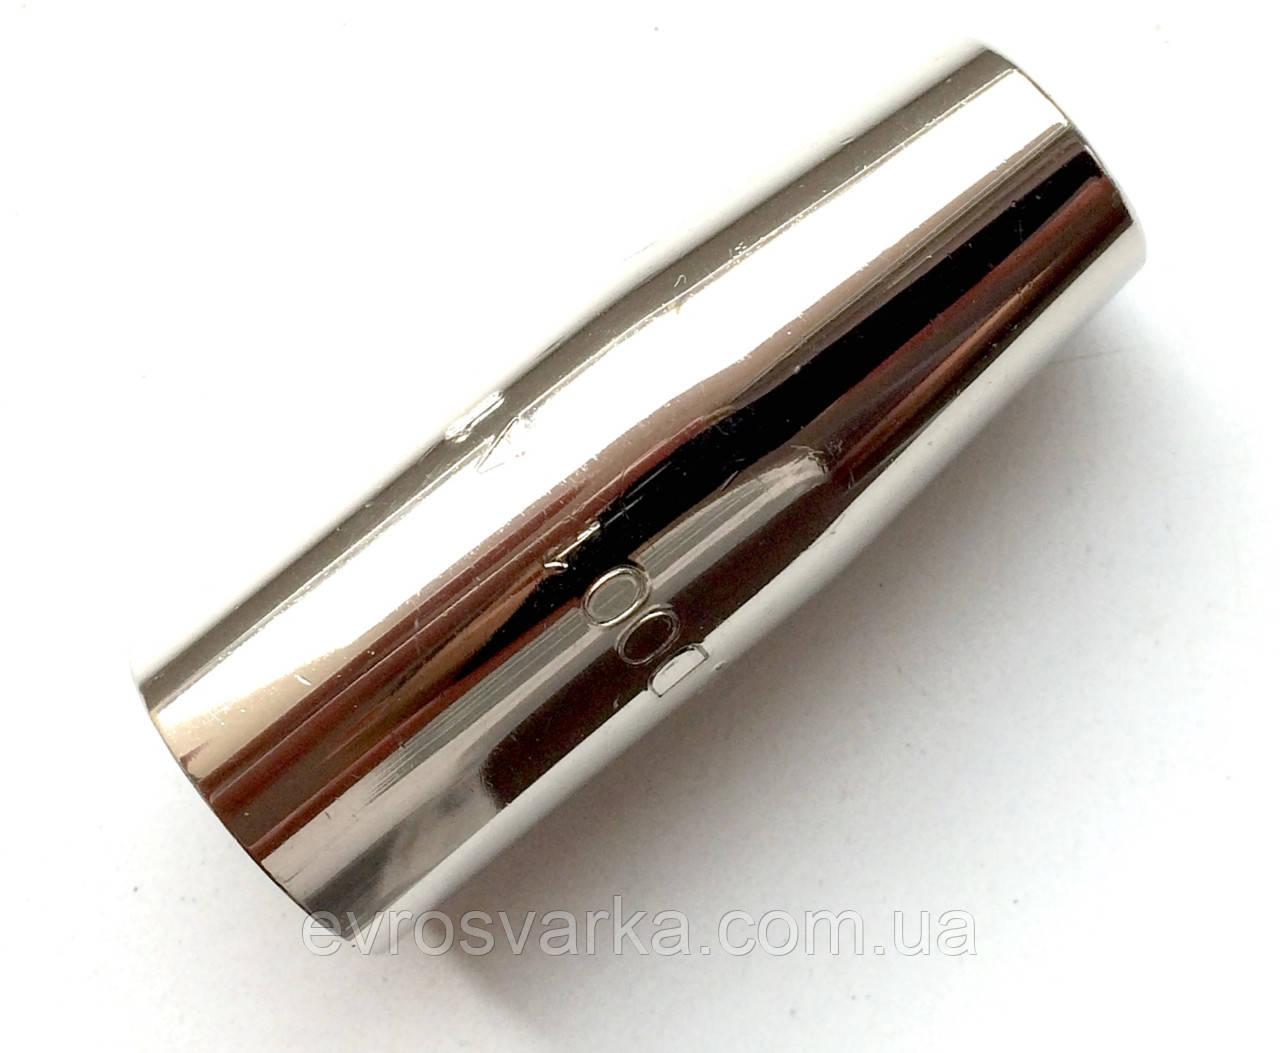 Сопло коническое к горелке  ABIMIG A 155 GRIP (D 16 /L 70  мм)